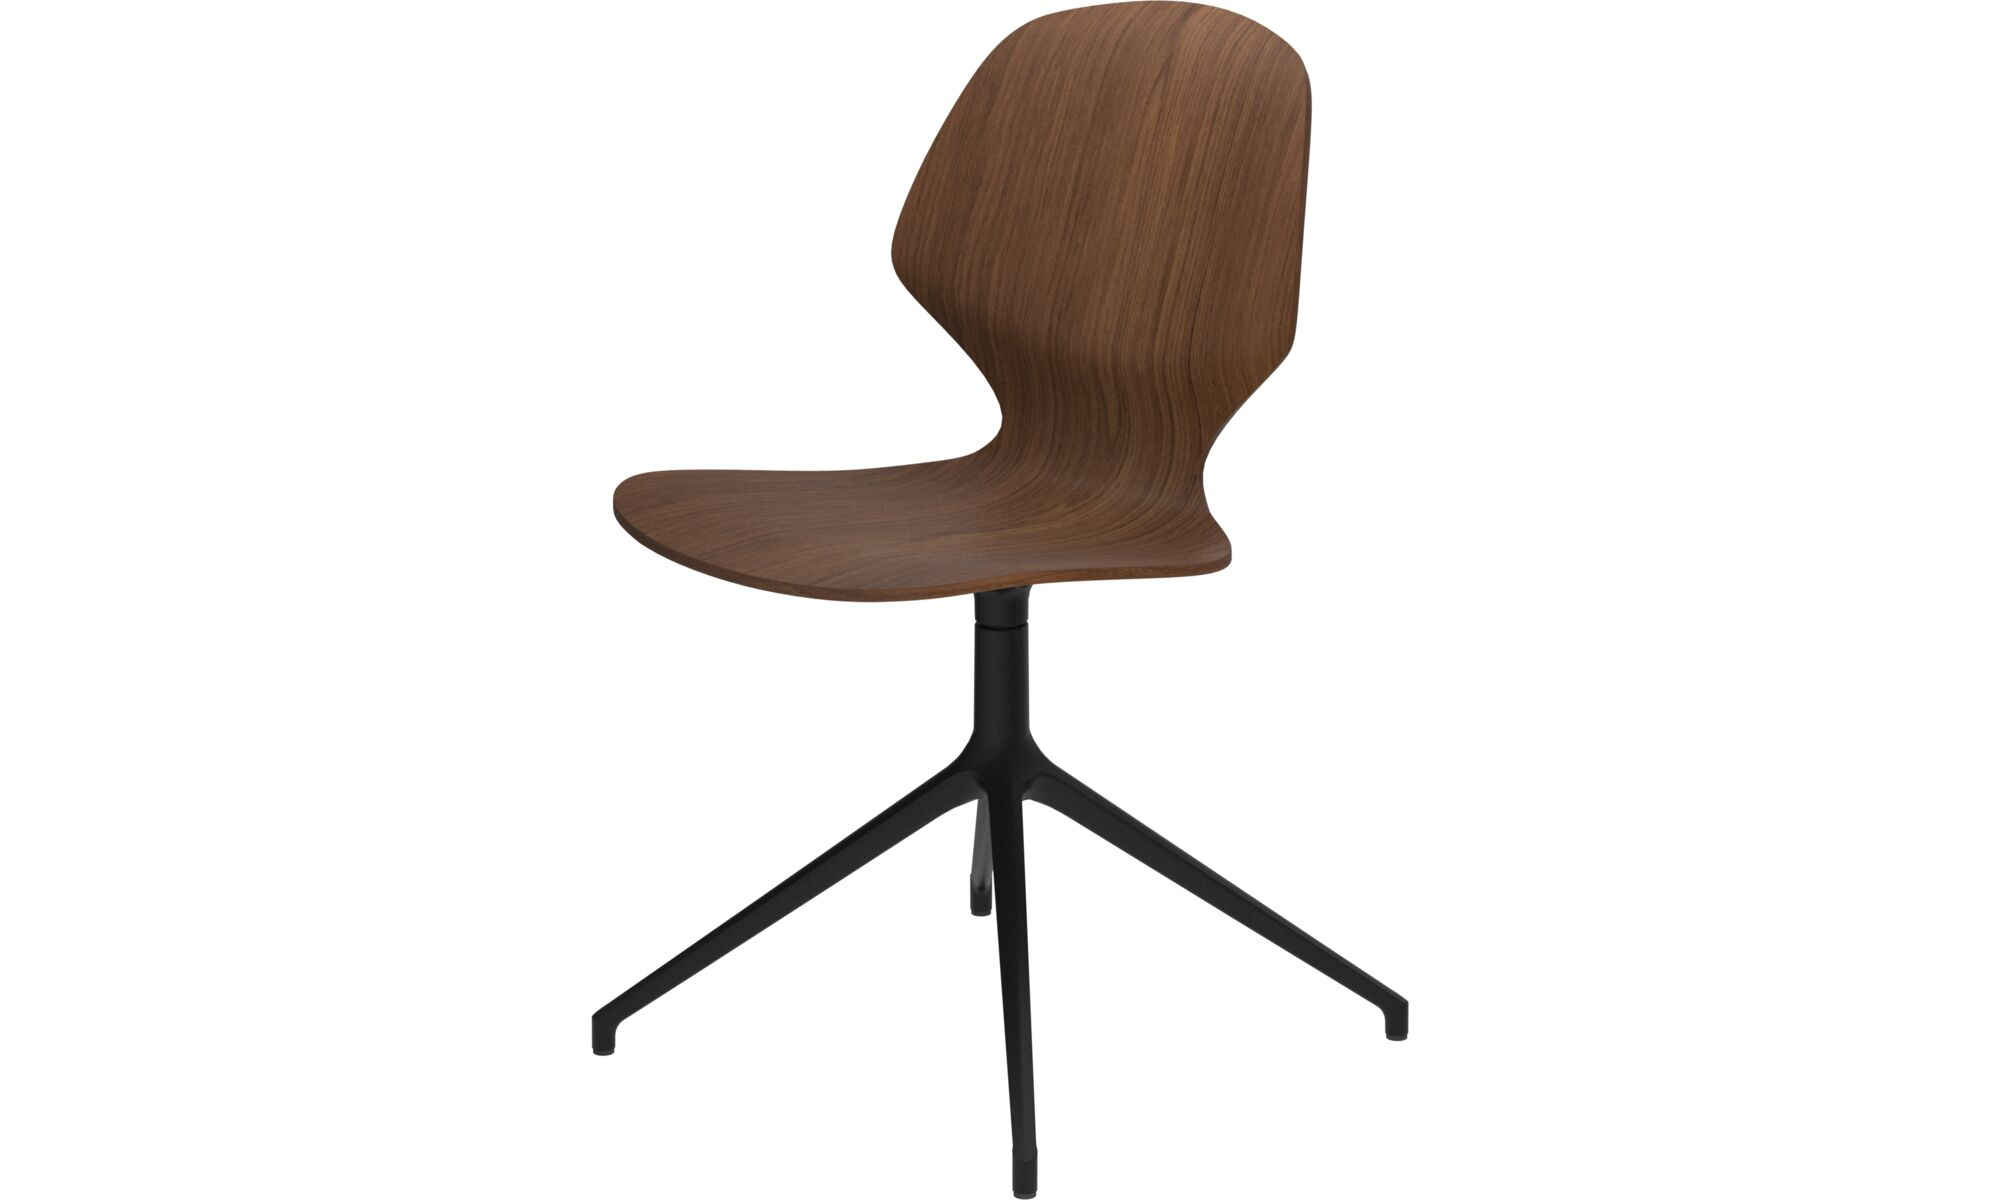 Cadeiras de jantar - Cadeira Florence giratória - Marrom - Nogueira